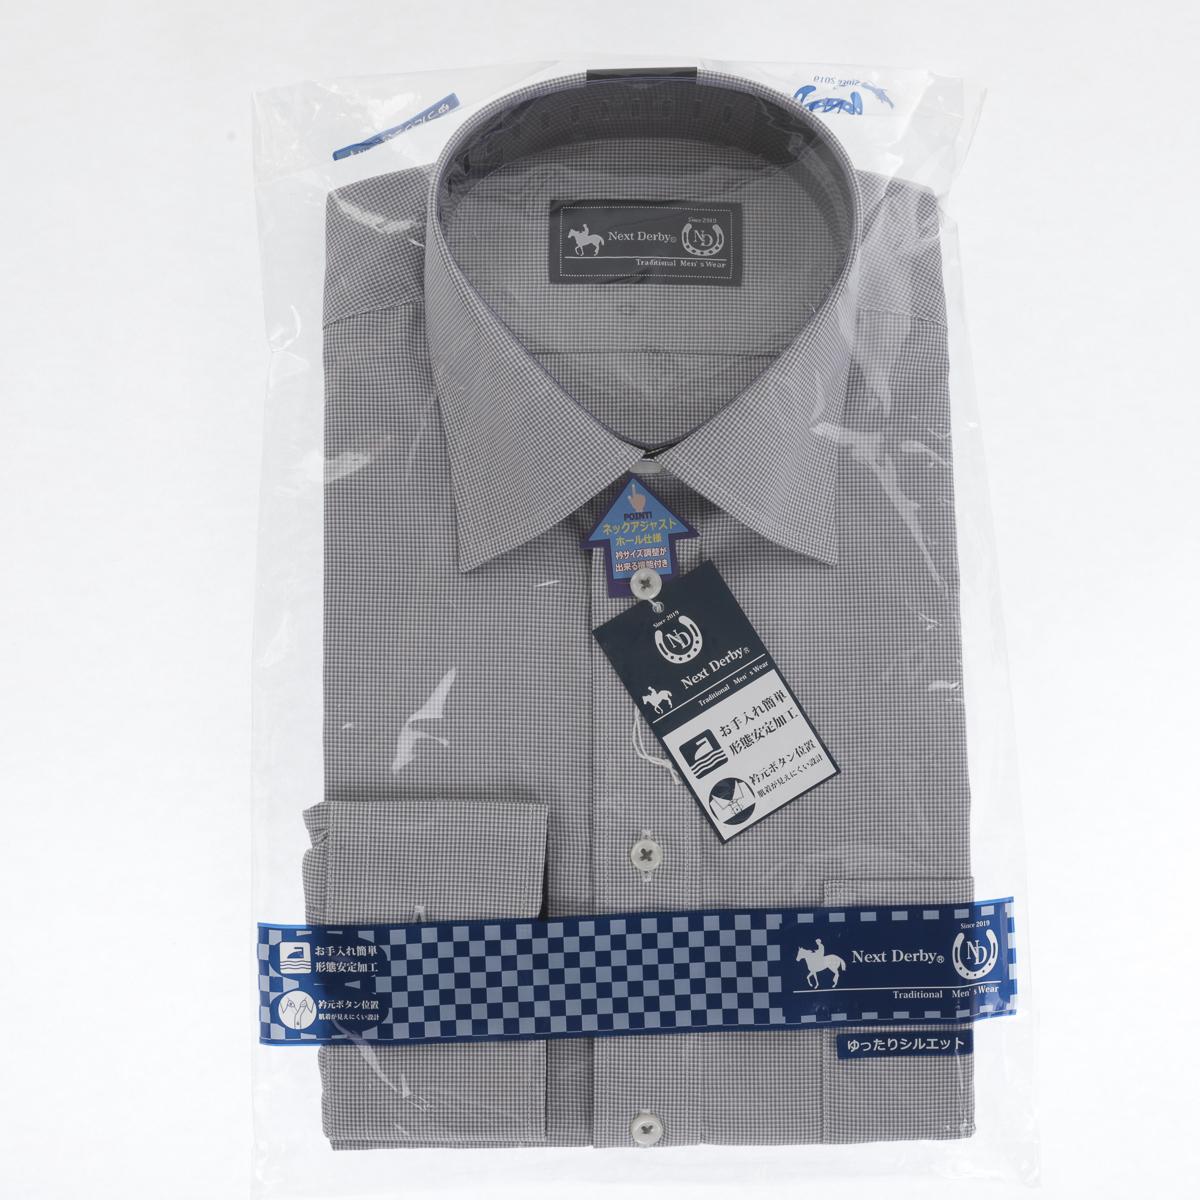 形態安定 セミワイド ワイシャツ 長袖 【Next Derby】